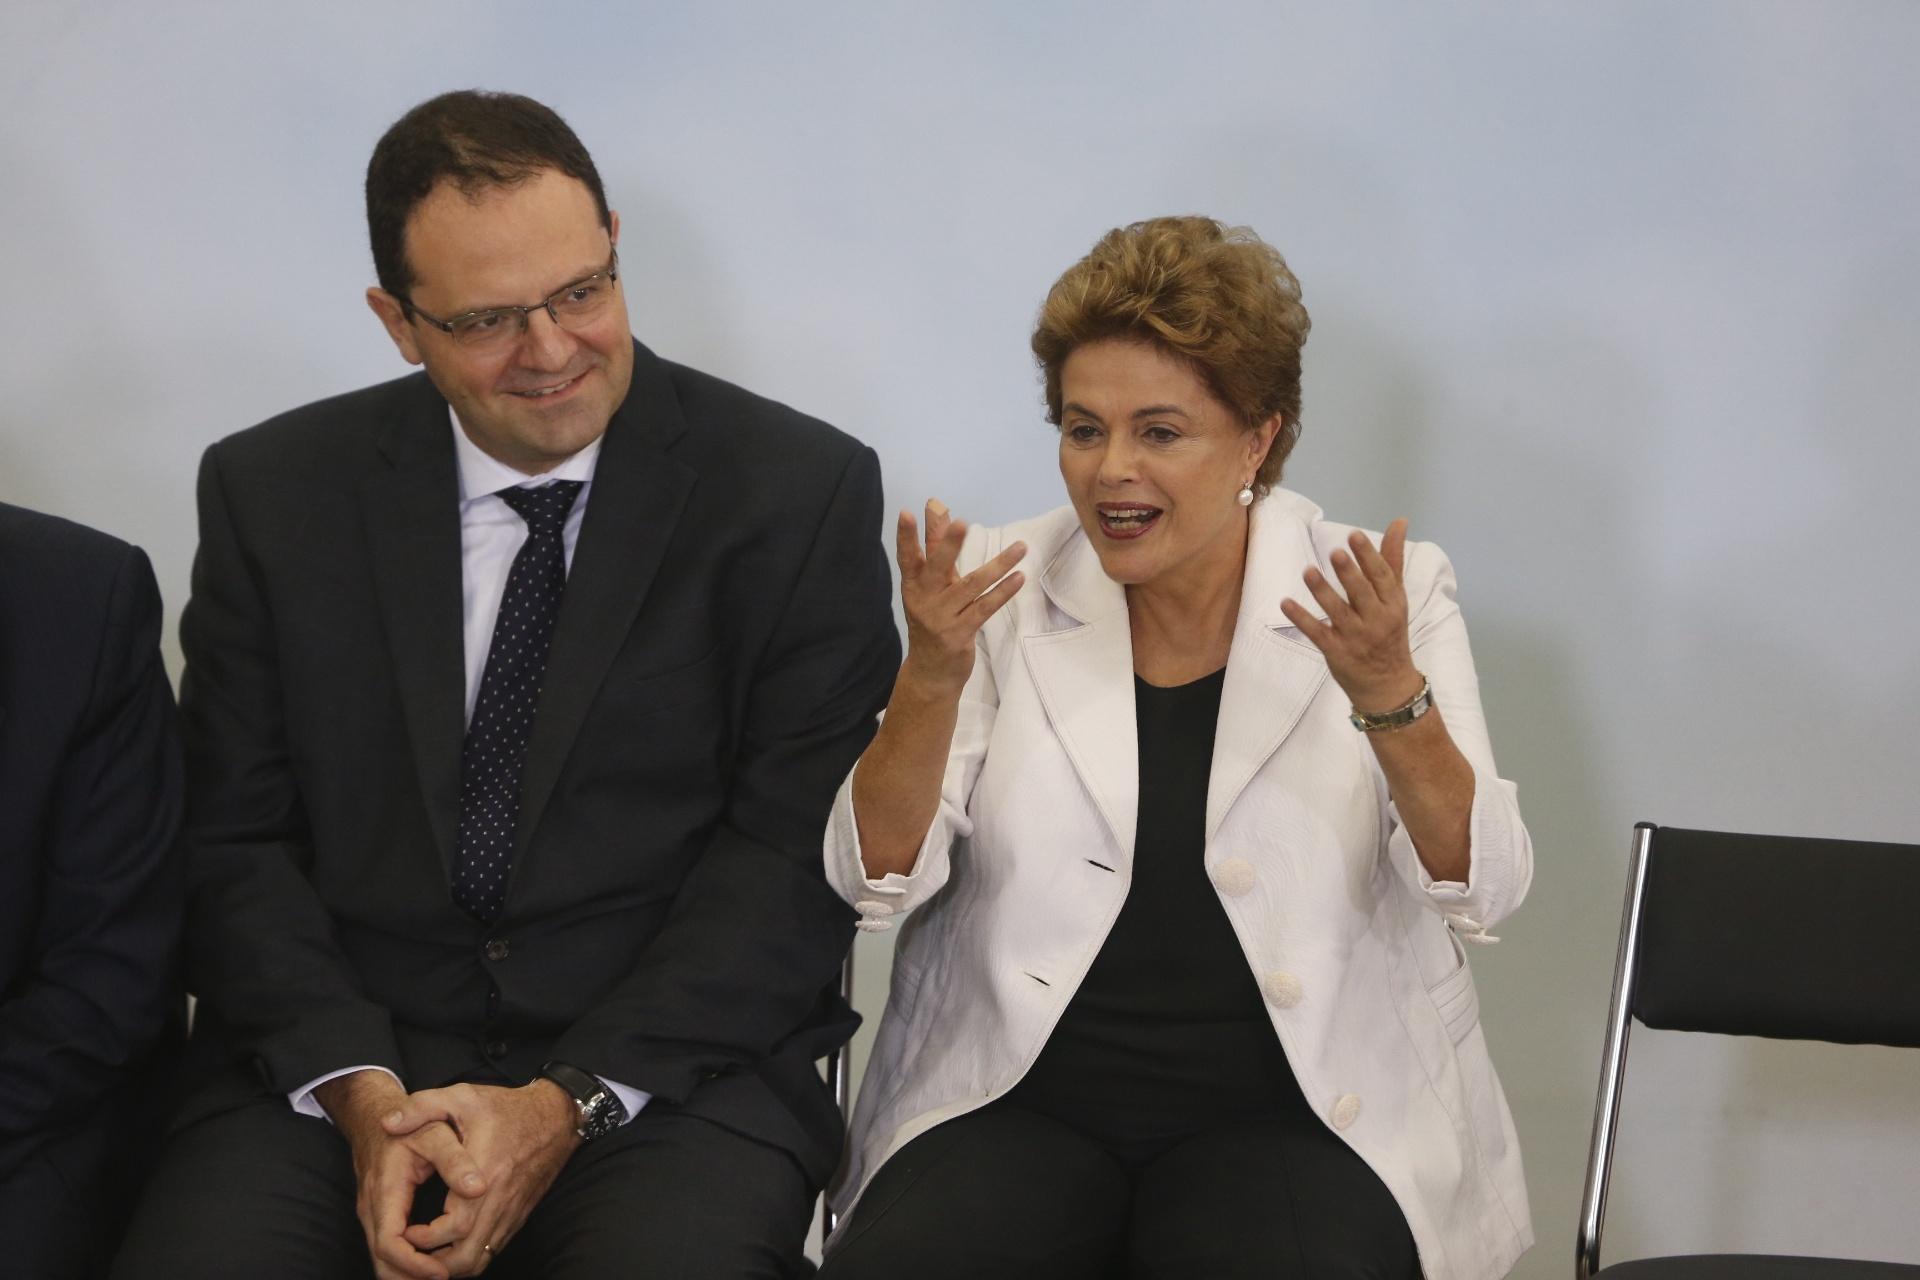 30.mar.2016 - A presidente Dilma Rousseff participa do evento de lançamento da terceira etapa do programa Minha Casa, Minha Vida, no Palácio do Planalto, em Brasília